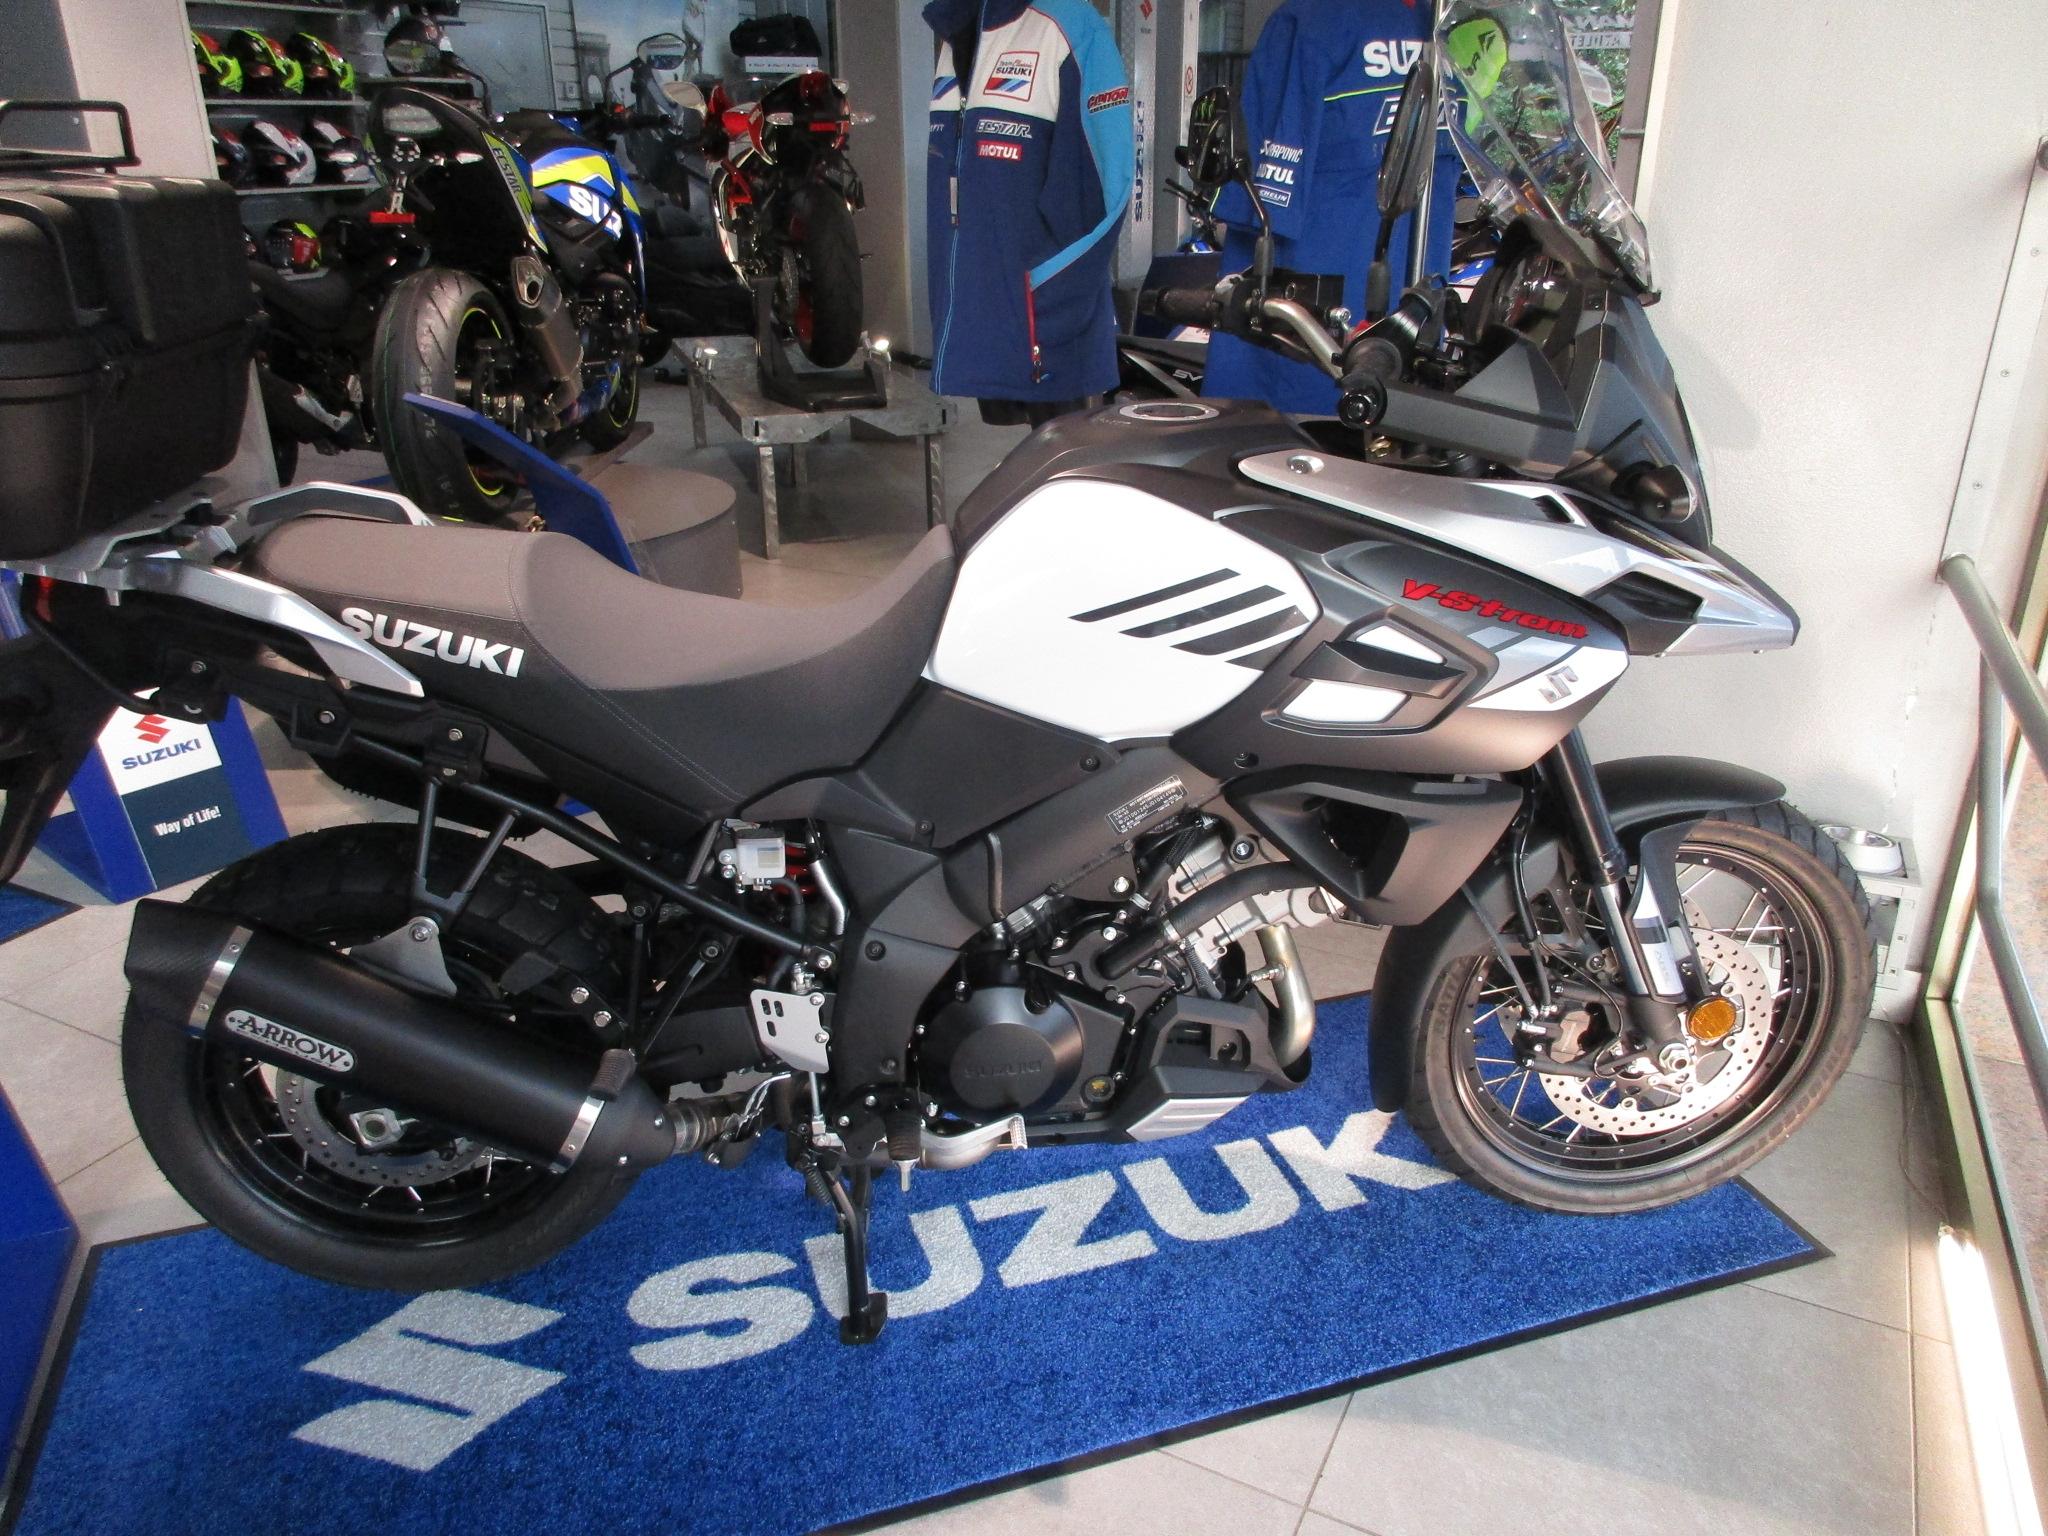 SUZUKI V-STROM 1000 XT ABS Image